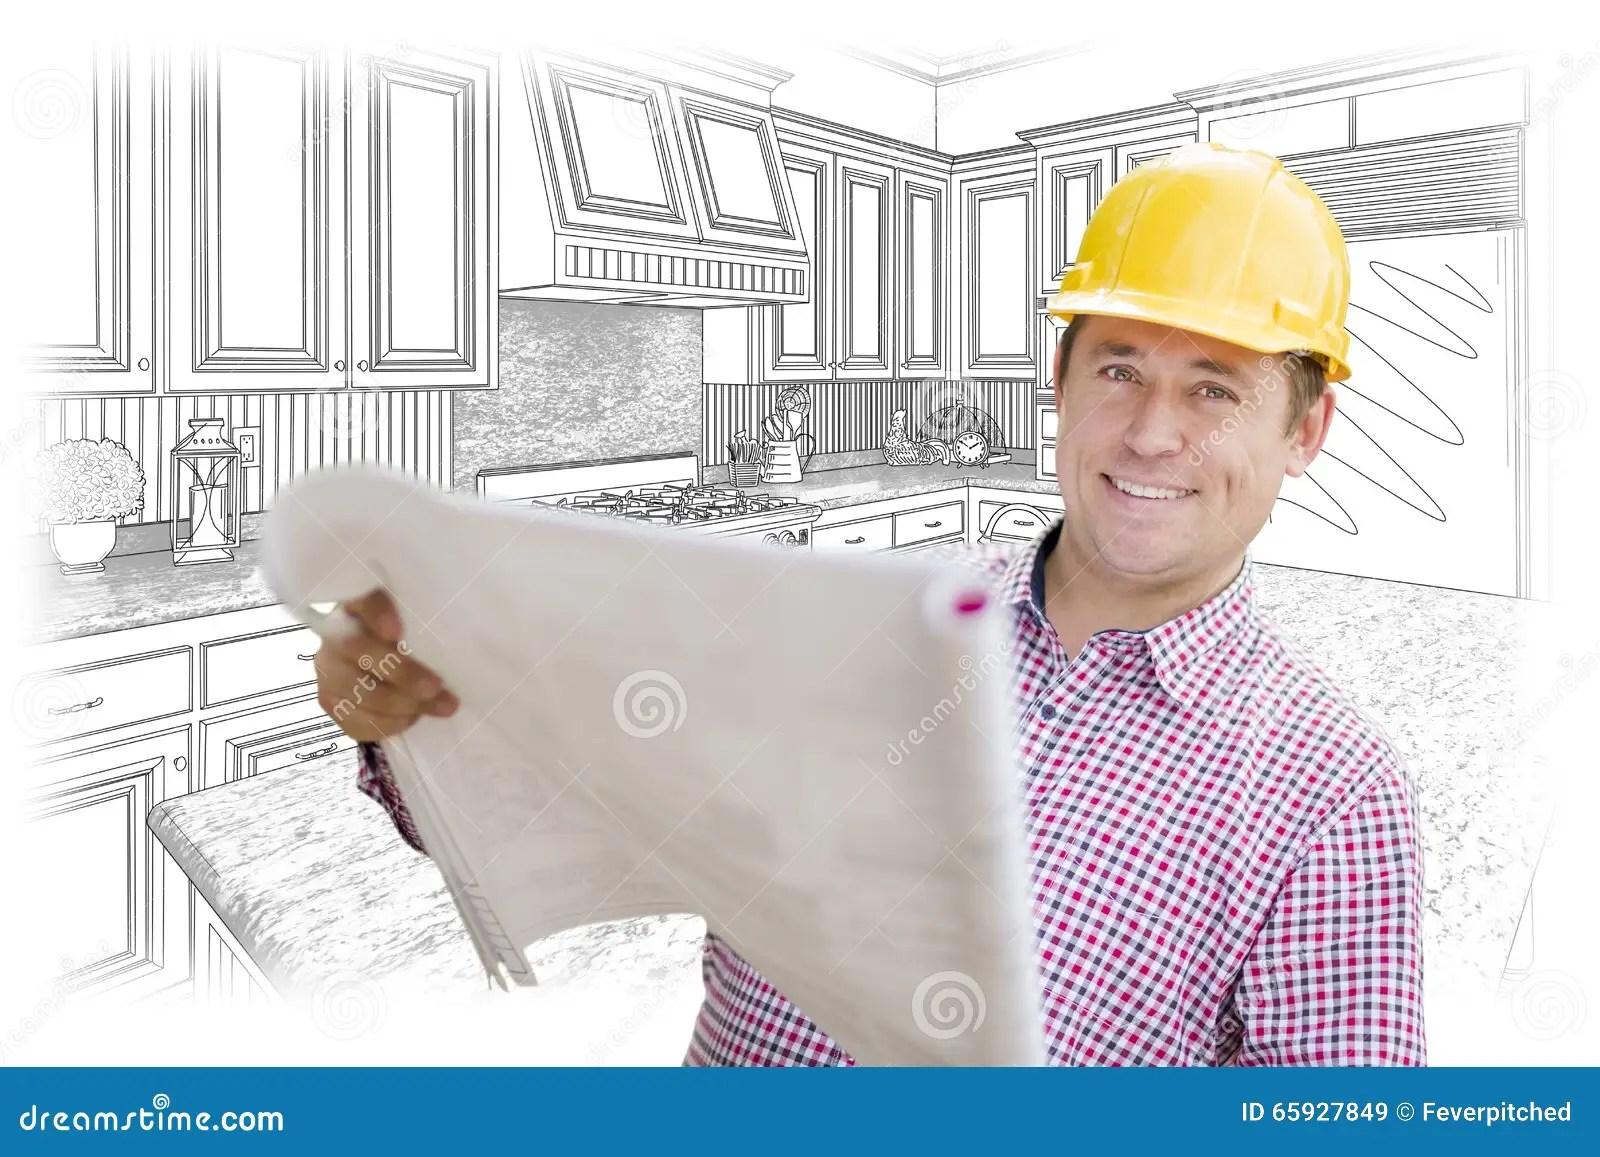 kitchen contractor countertop inserts 拿着在习惯厨房图画的承包商图纸库存图片 图片包括有铅笔 建筑 格式 拿着在习惯厨房图画的微笑的承包商图纸